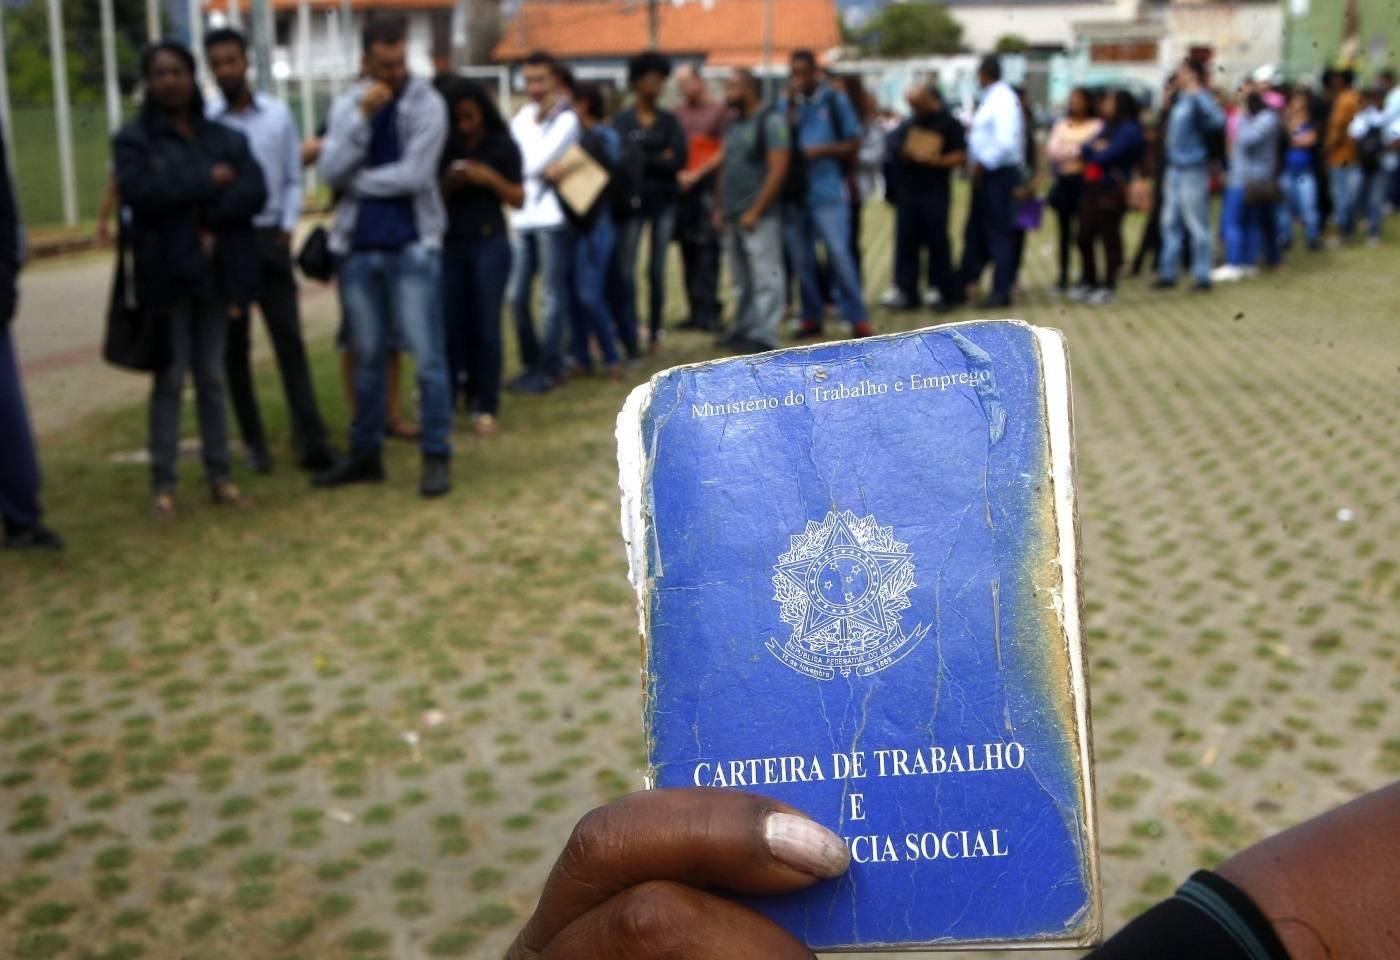 Desemprego é o maior em 7 anos em 13 capitais do país, diz IBGE